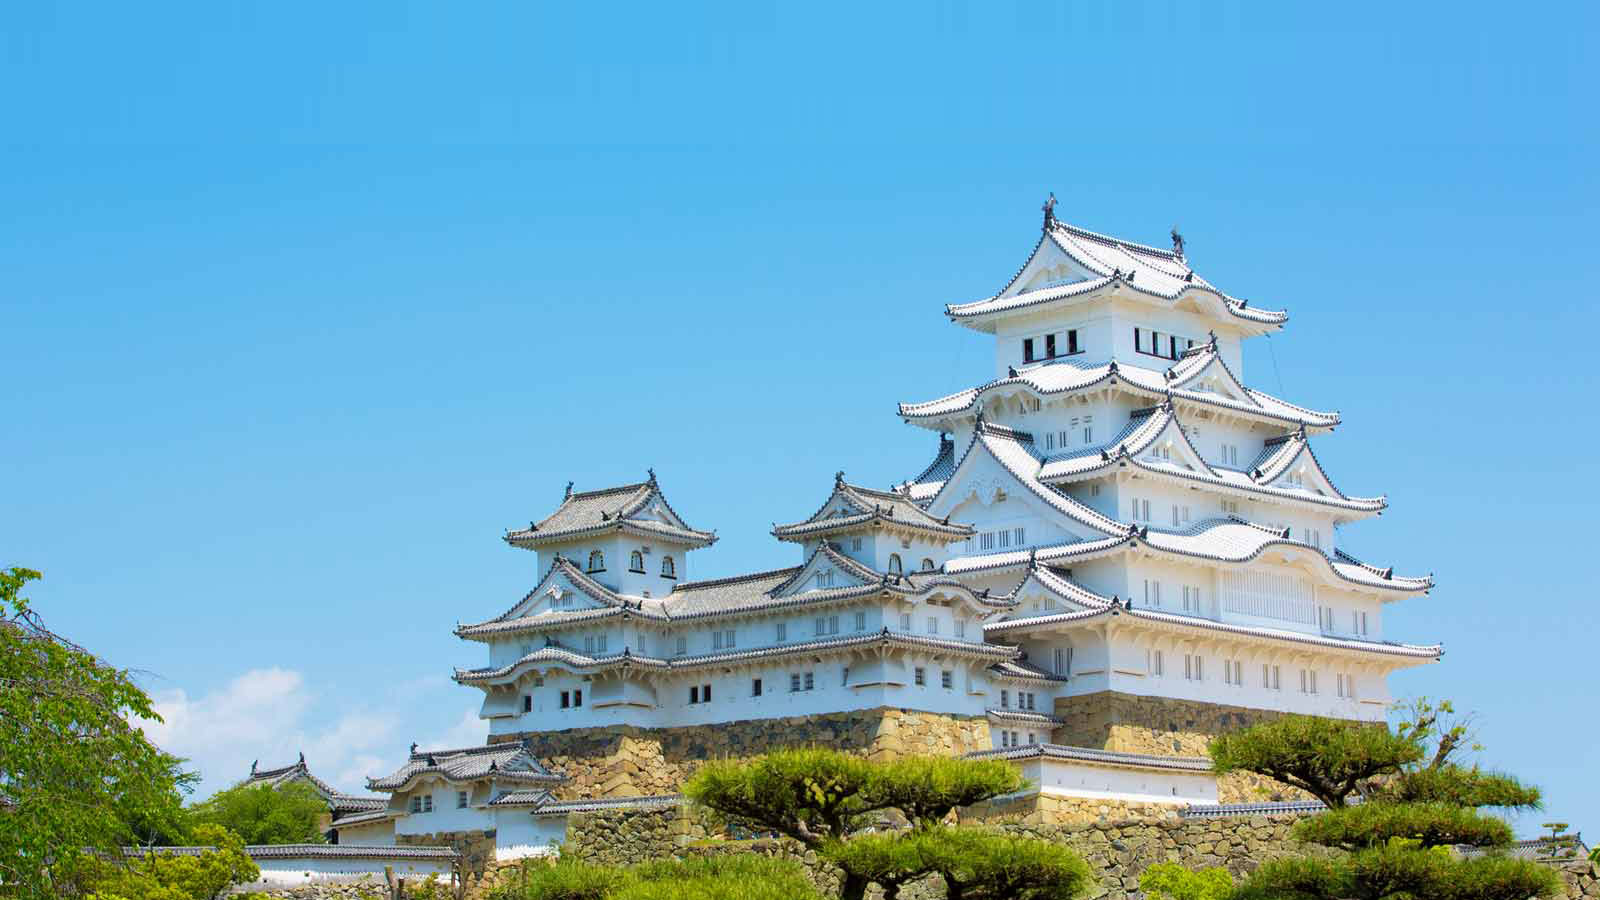 到訪過兵庫縣的旅客票選出的當地旅遊美食排行榜